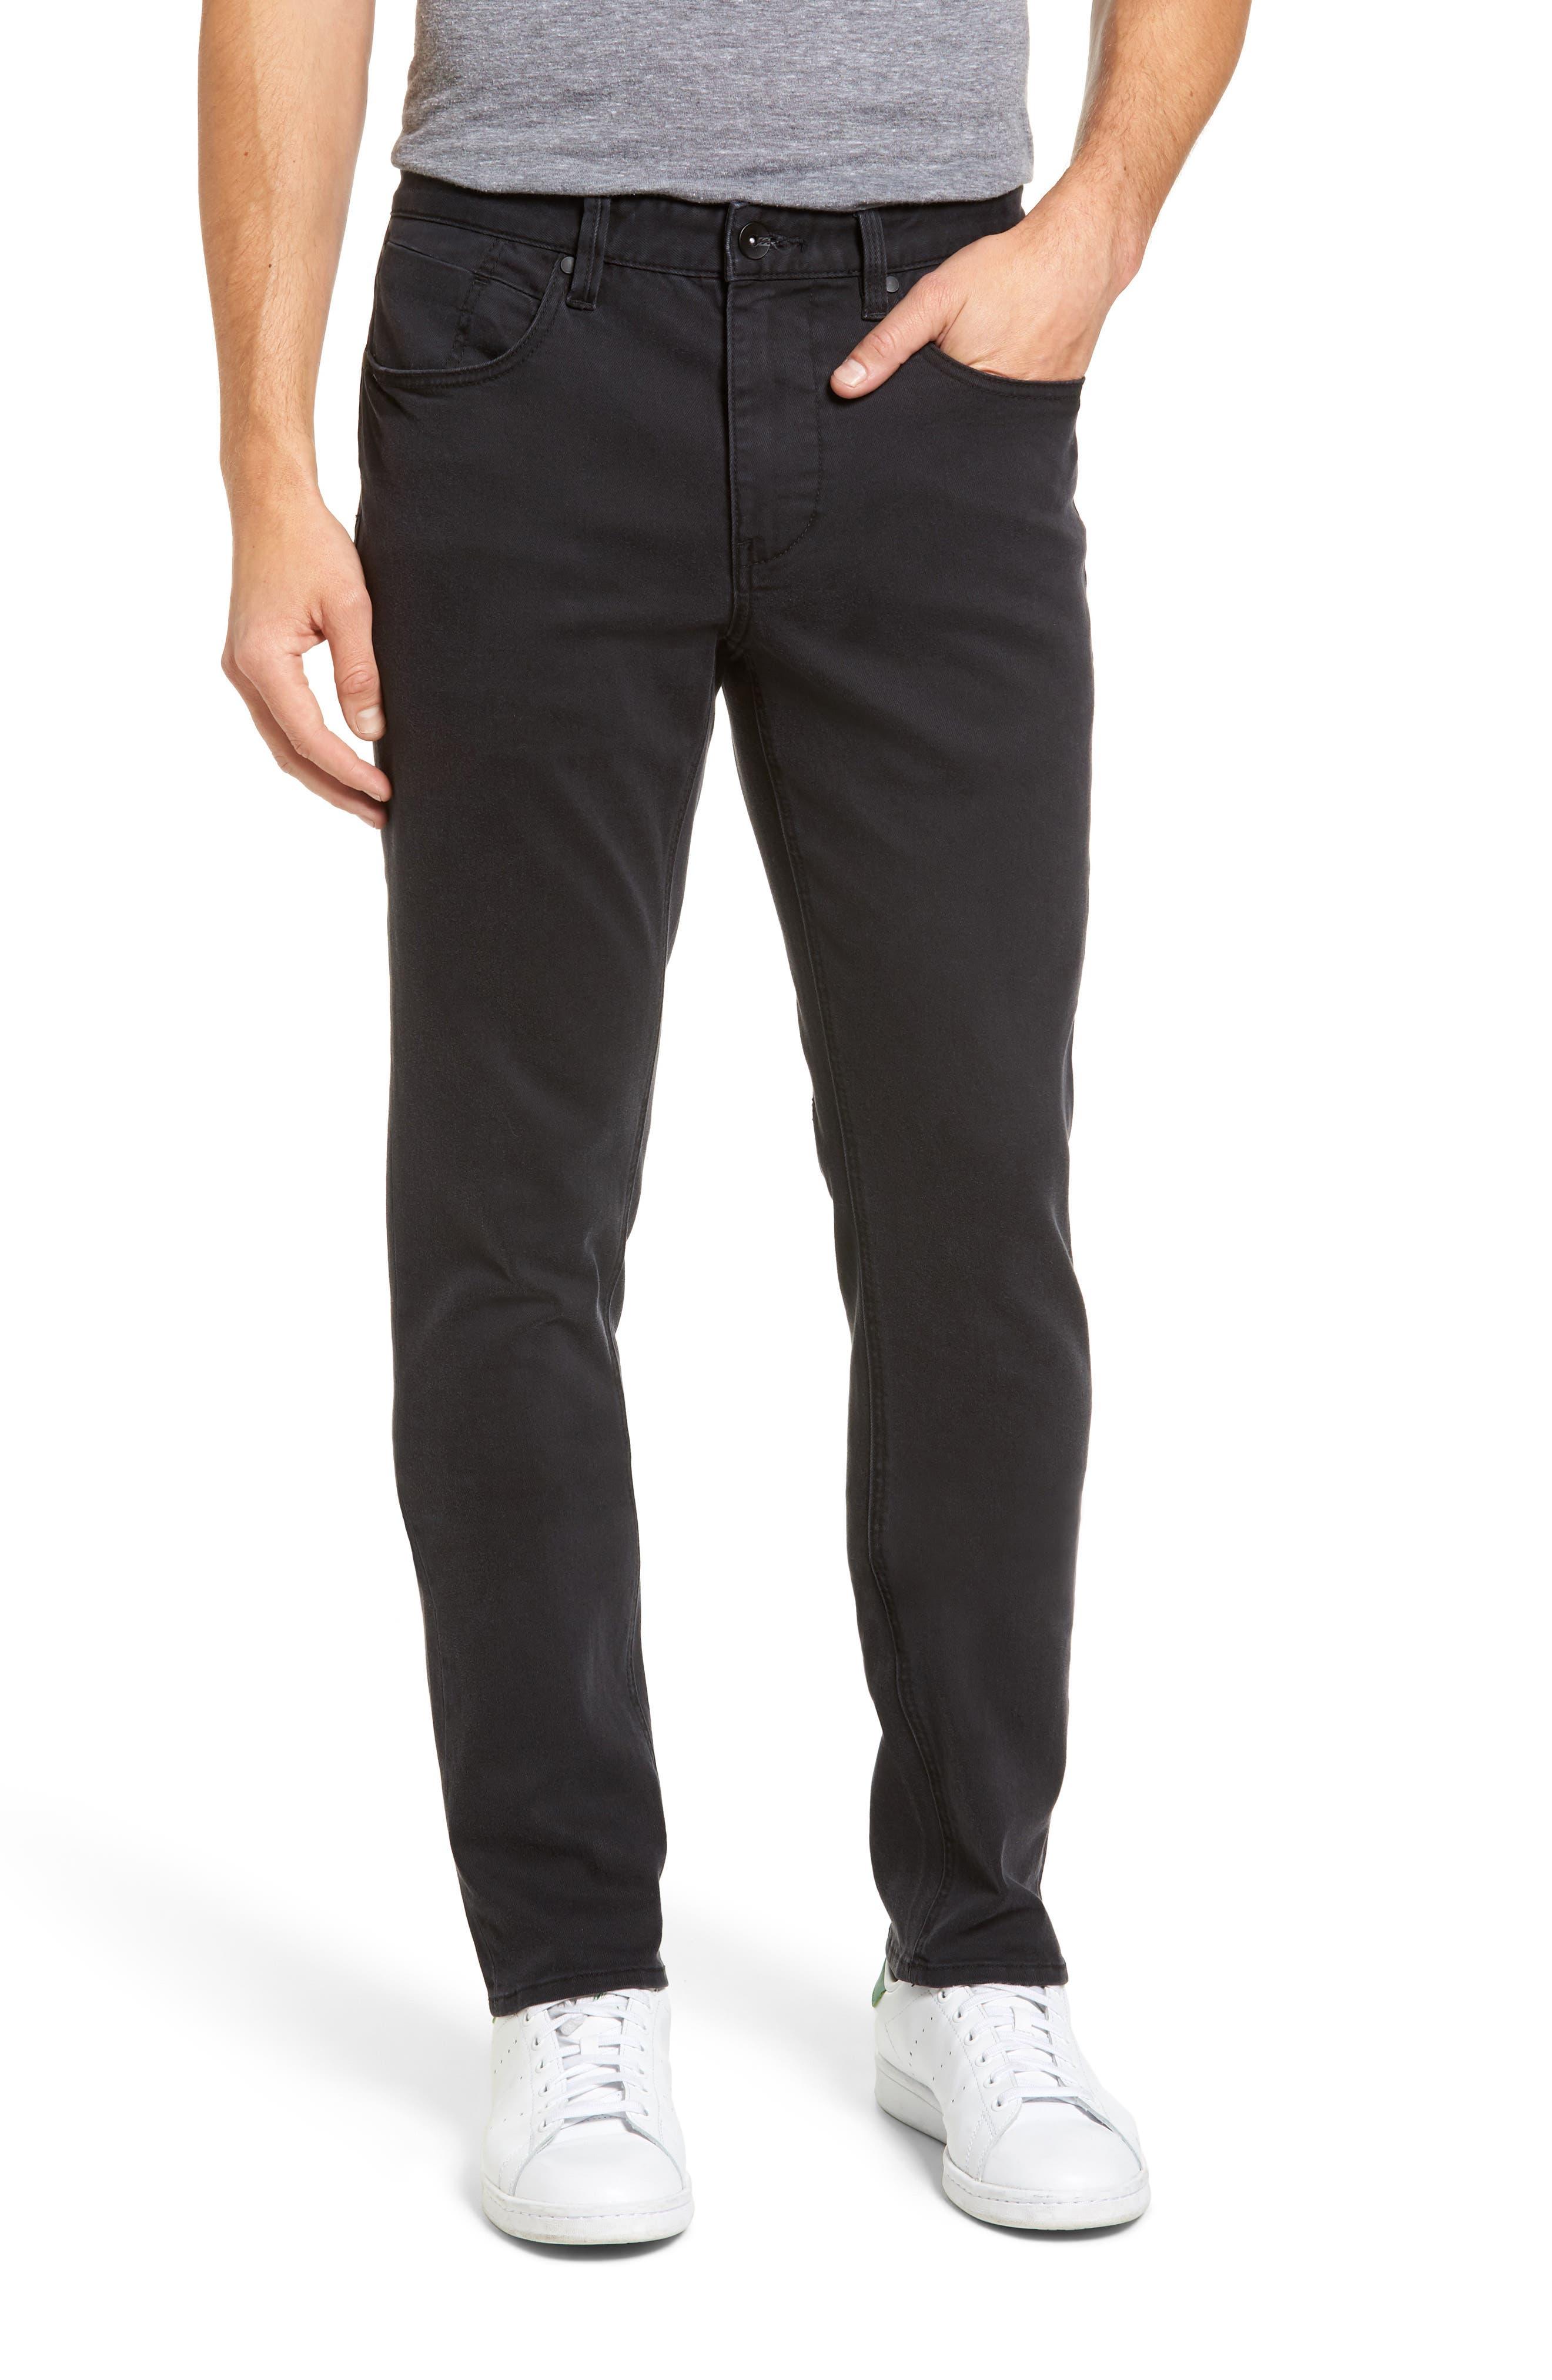 Alternate Image 1 Selected - Billabong Outside Slim Straight Leg Jeans